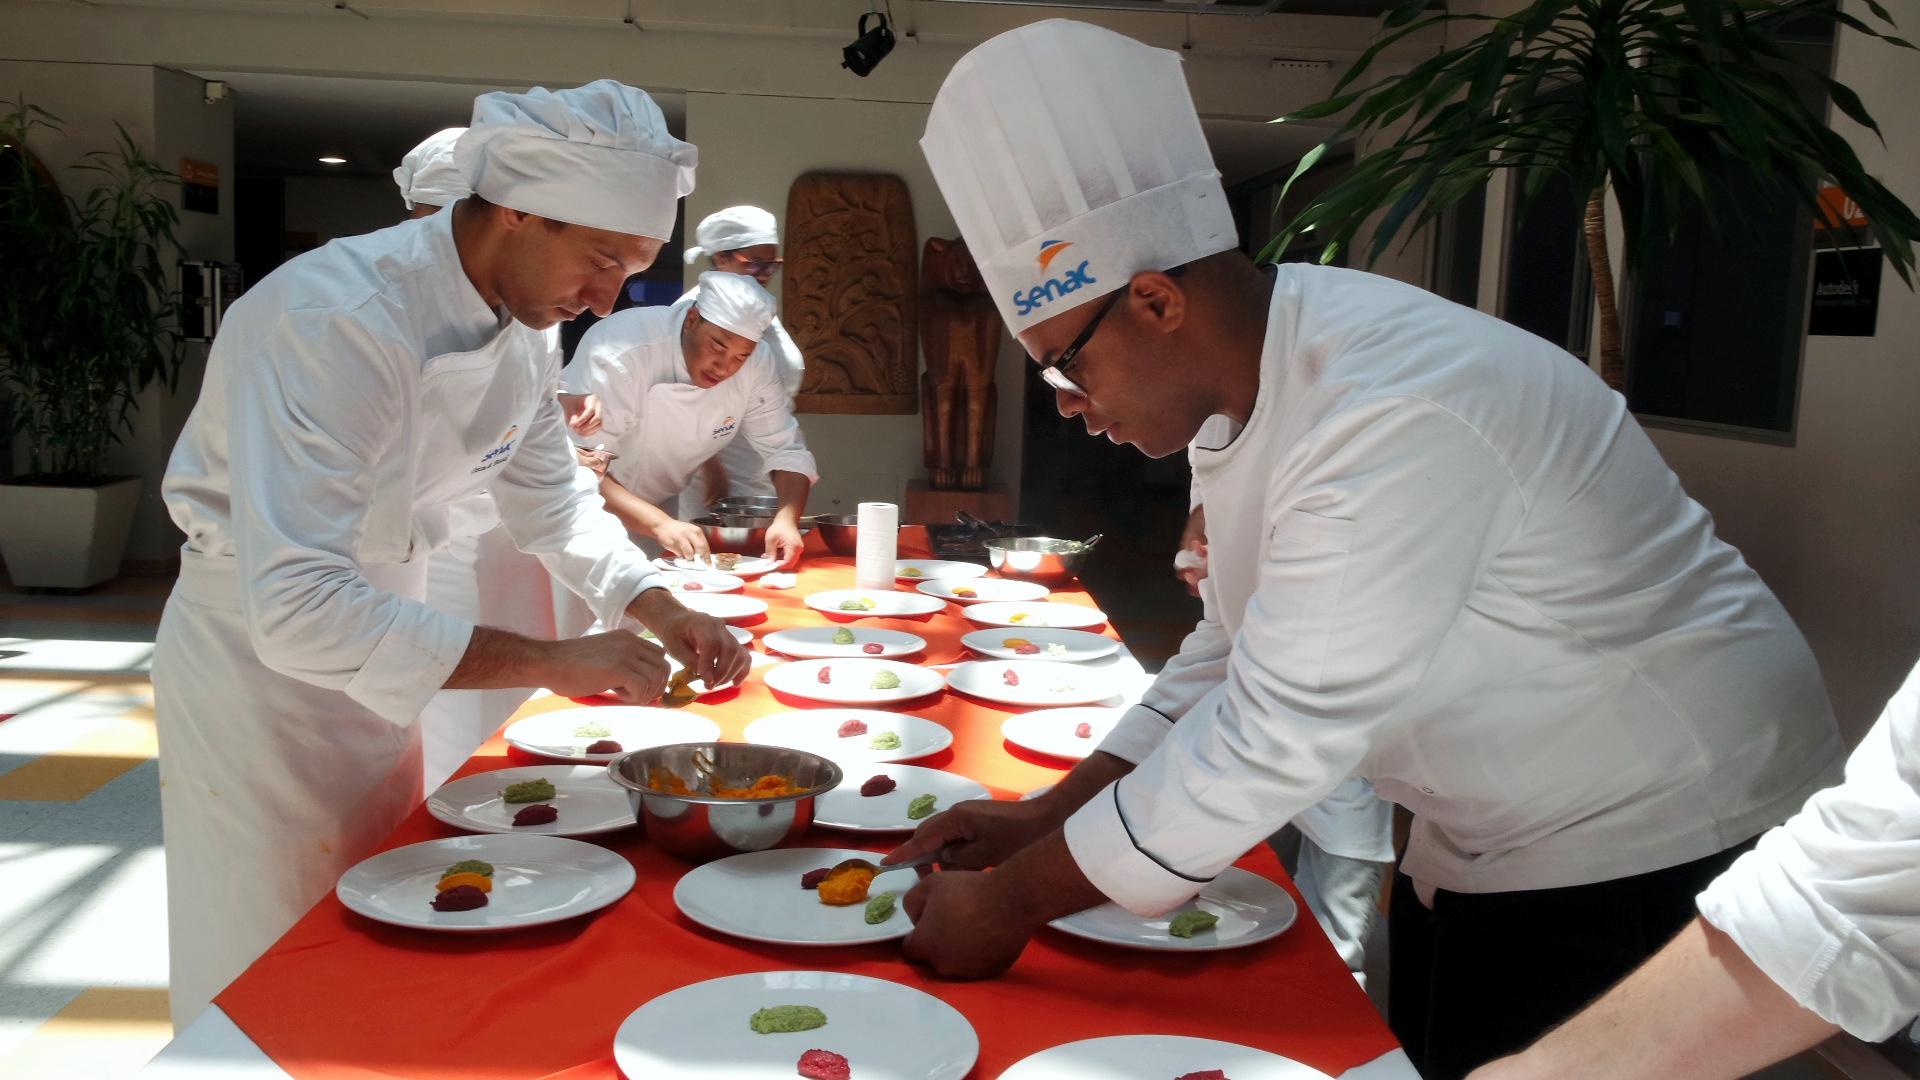 Chef Lucio Roberto e alunos na preparação do segndo prato